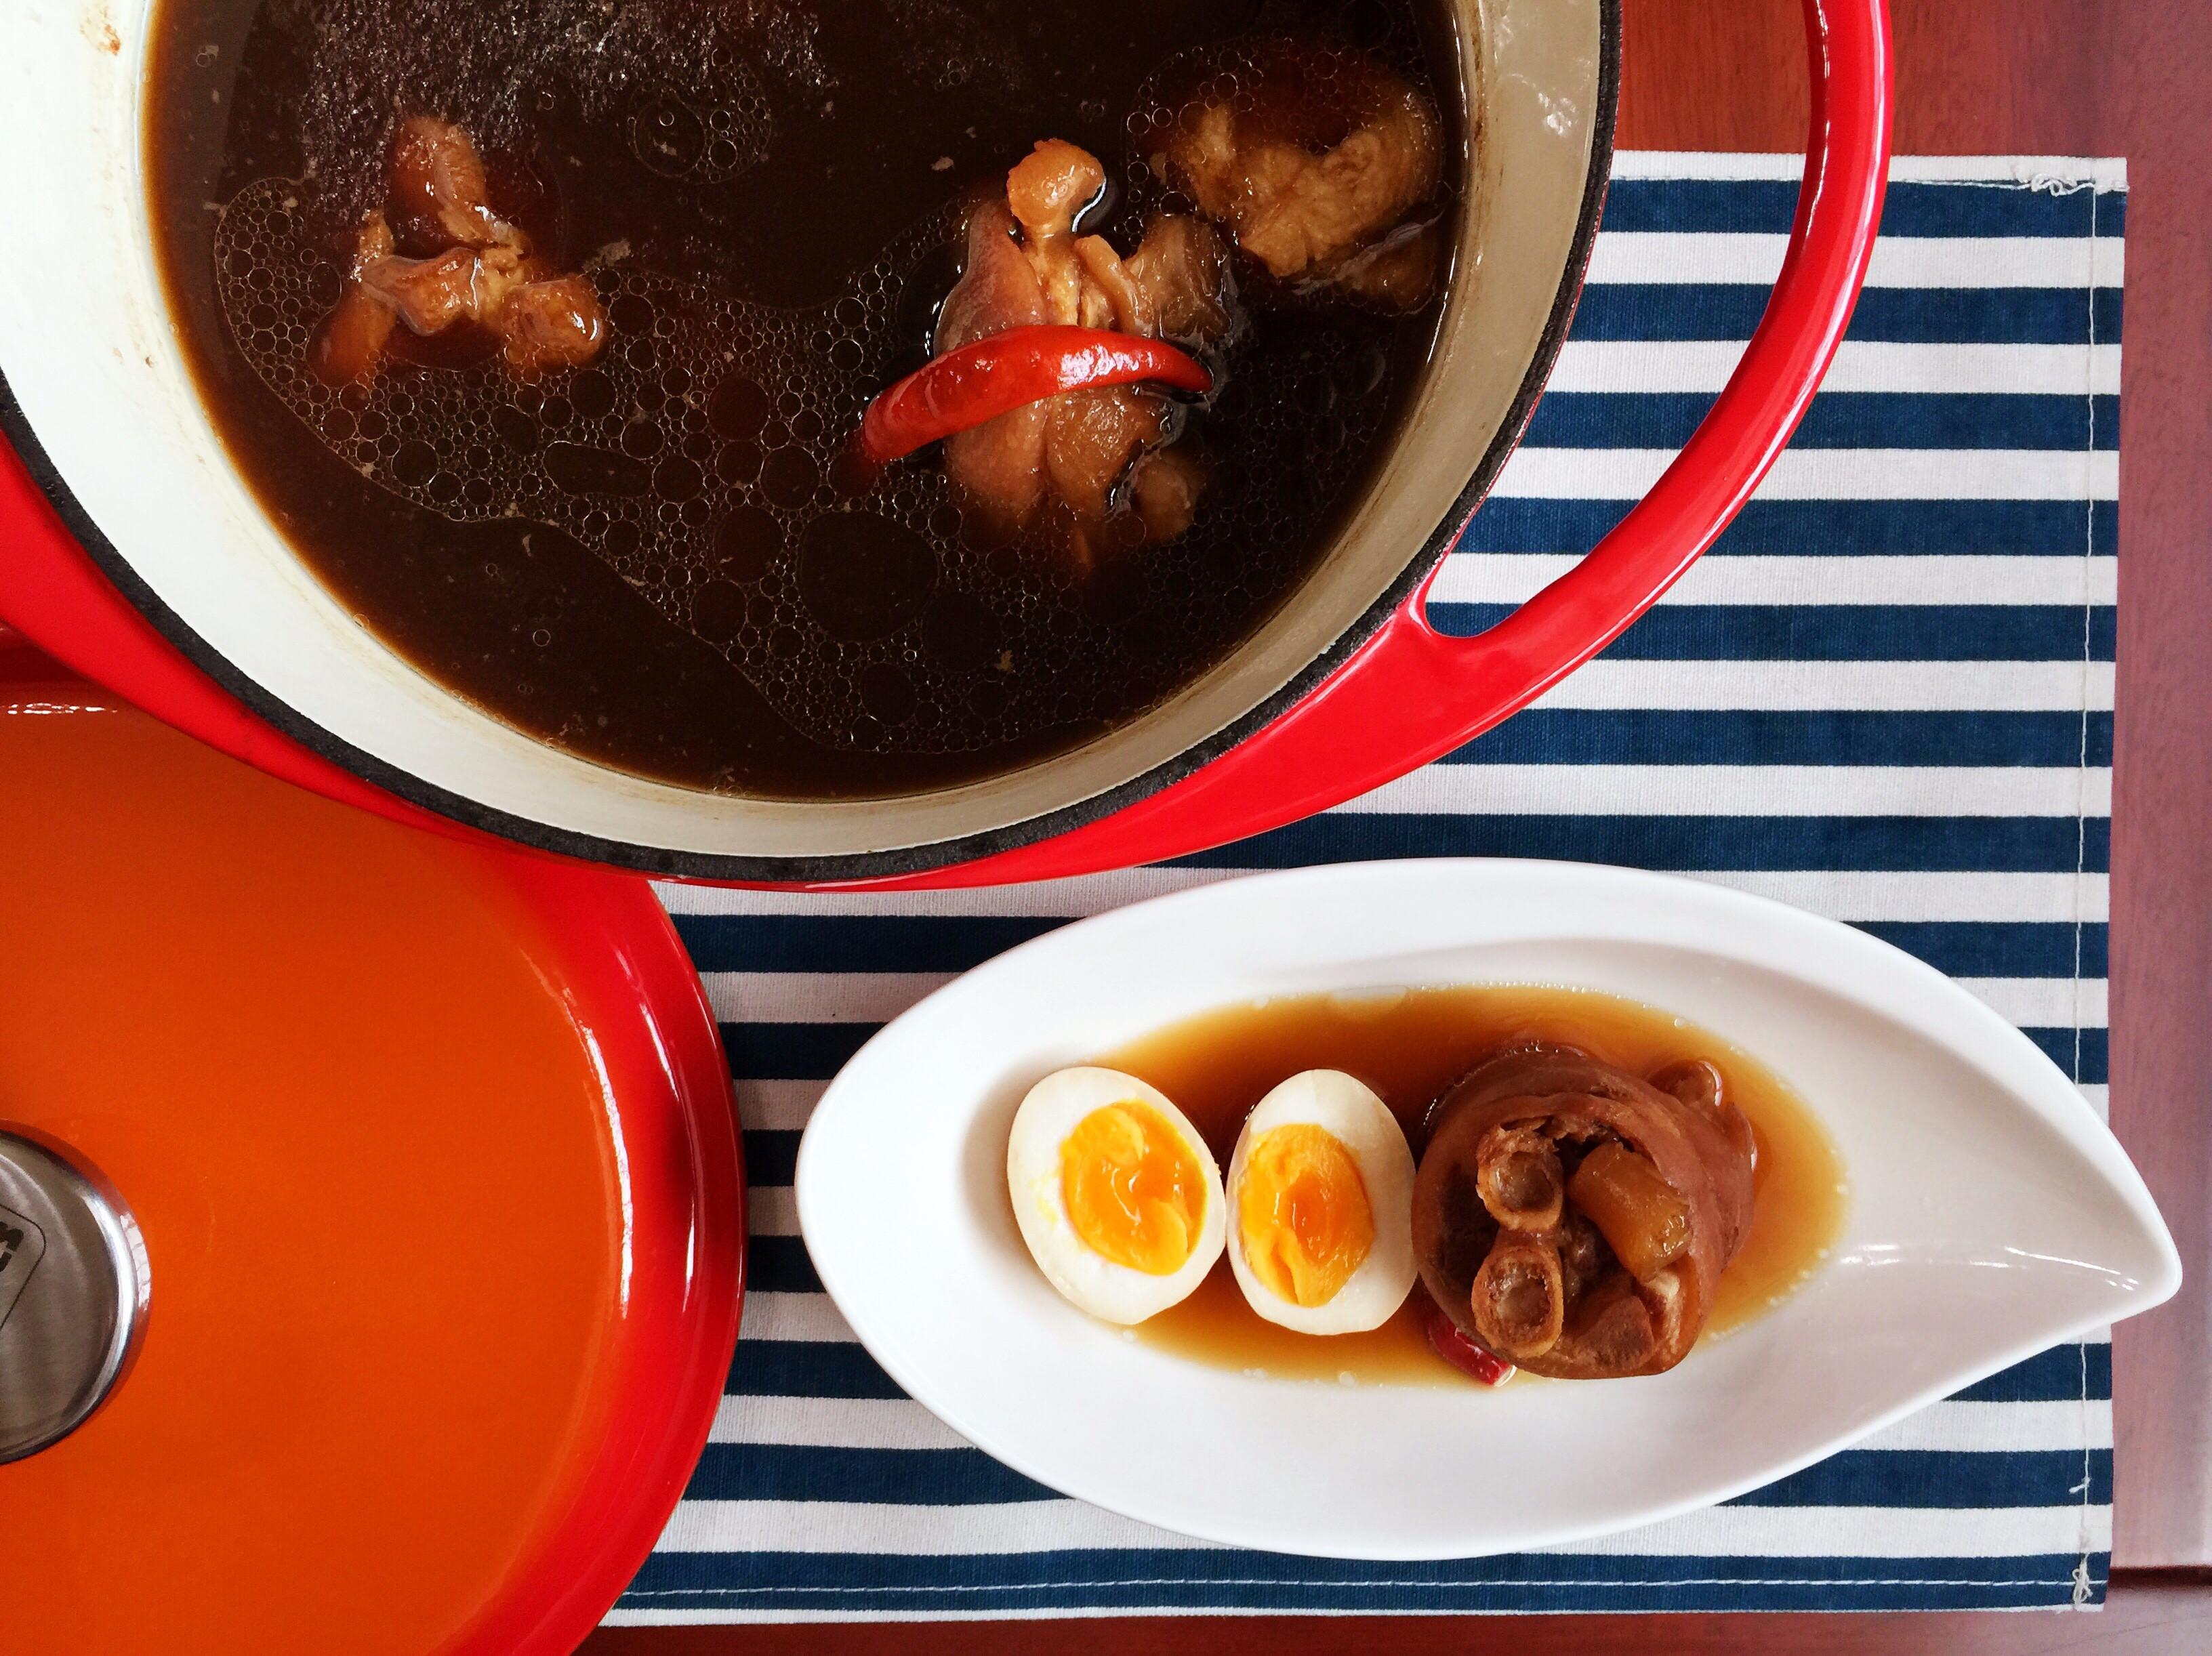 無難度媽媽味 鑄鐵鍋滷豬腳&溏心蛋